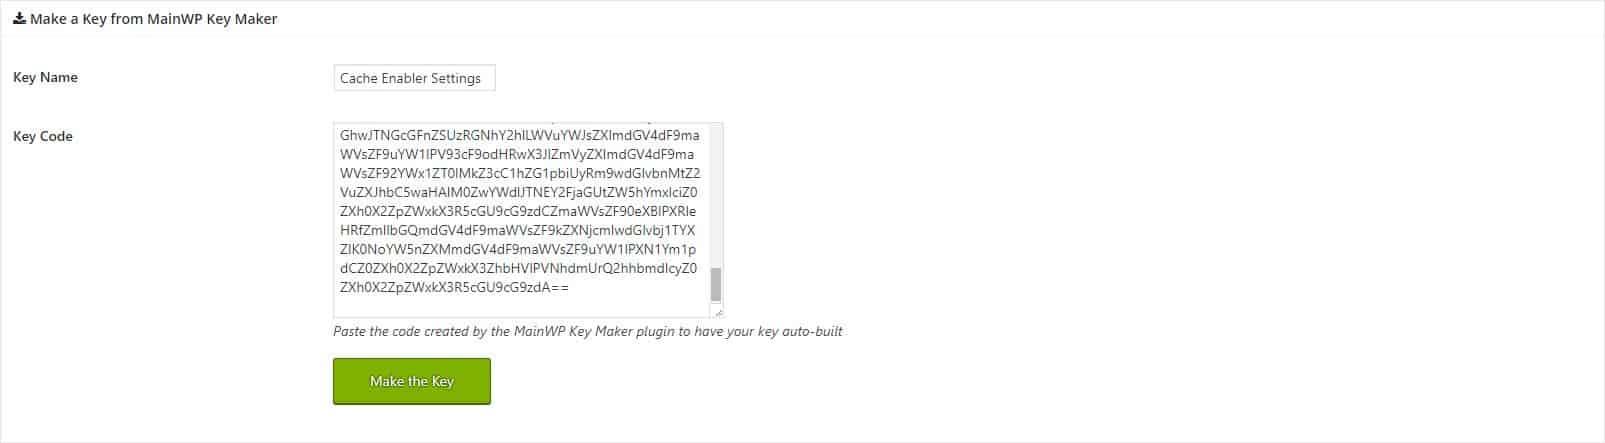 Make a new Bulk Settings Manger Key